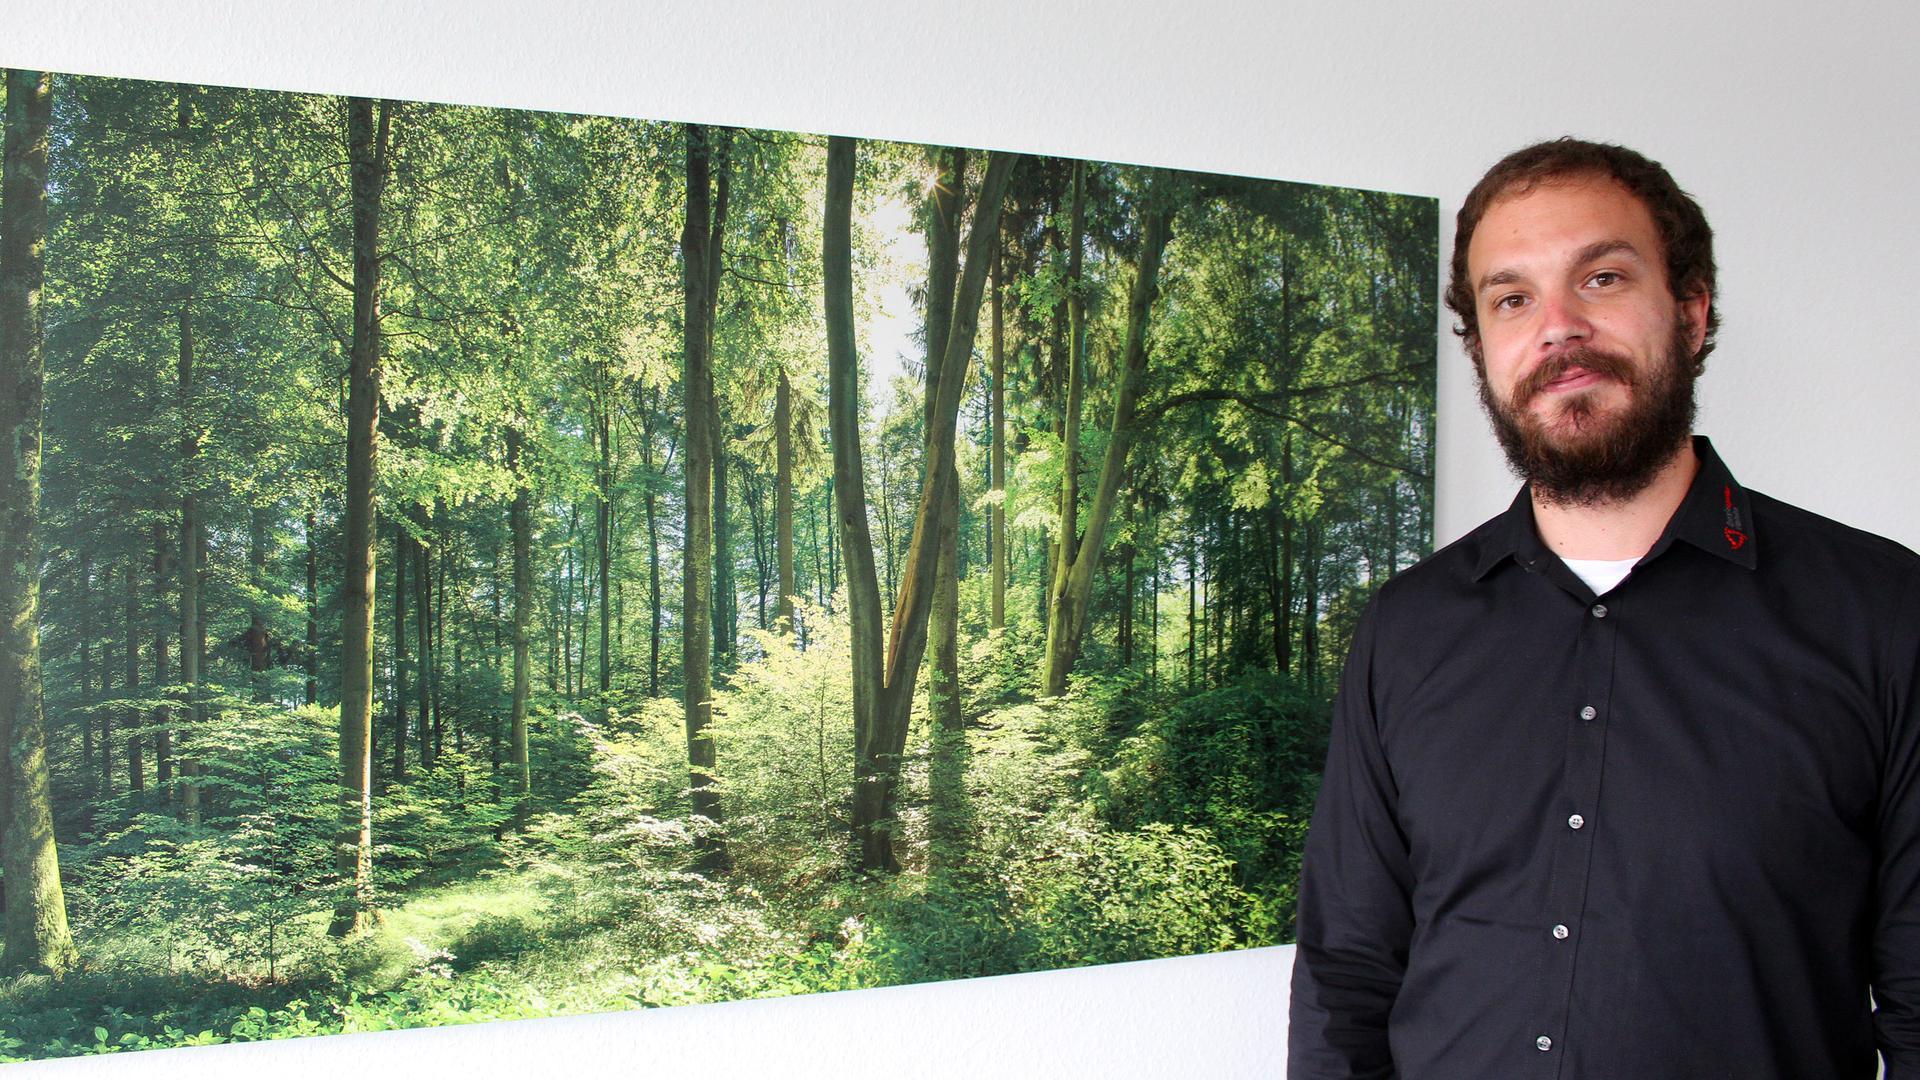 Seit einem Jahr im Dauereinsatz: Klimaschutzmanager Simon Friedmann arbeitet seit einem Jahr an einem Klimaschutzkonzept für den Landkreis Rastatt. Davon profitiert letztlich auch der heimische Wald, der von großer Bedeutung für den Klimaschutz ist, aber zunehmend unter dem Klimawandel leidet.